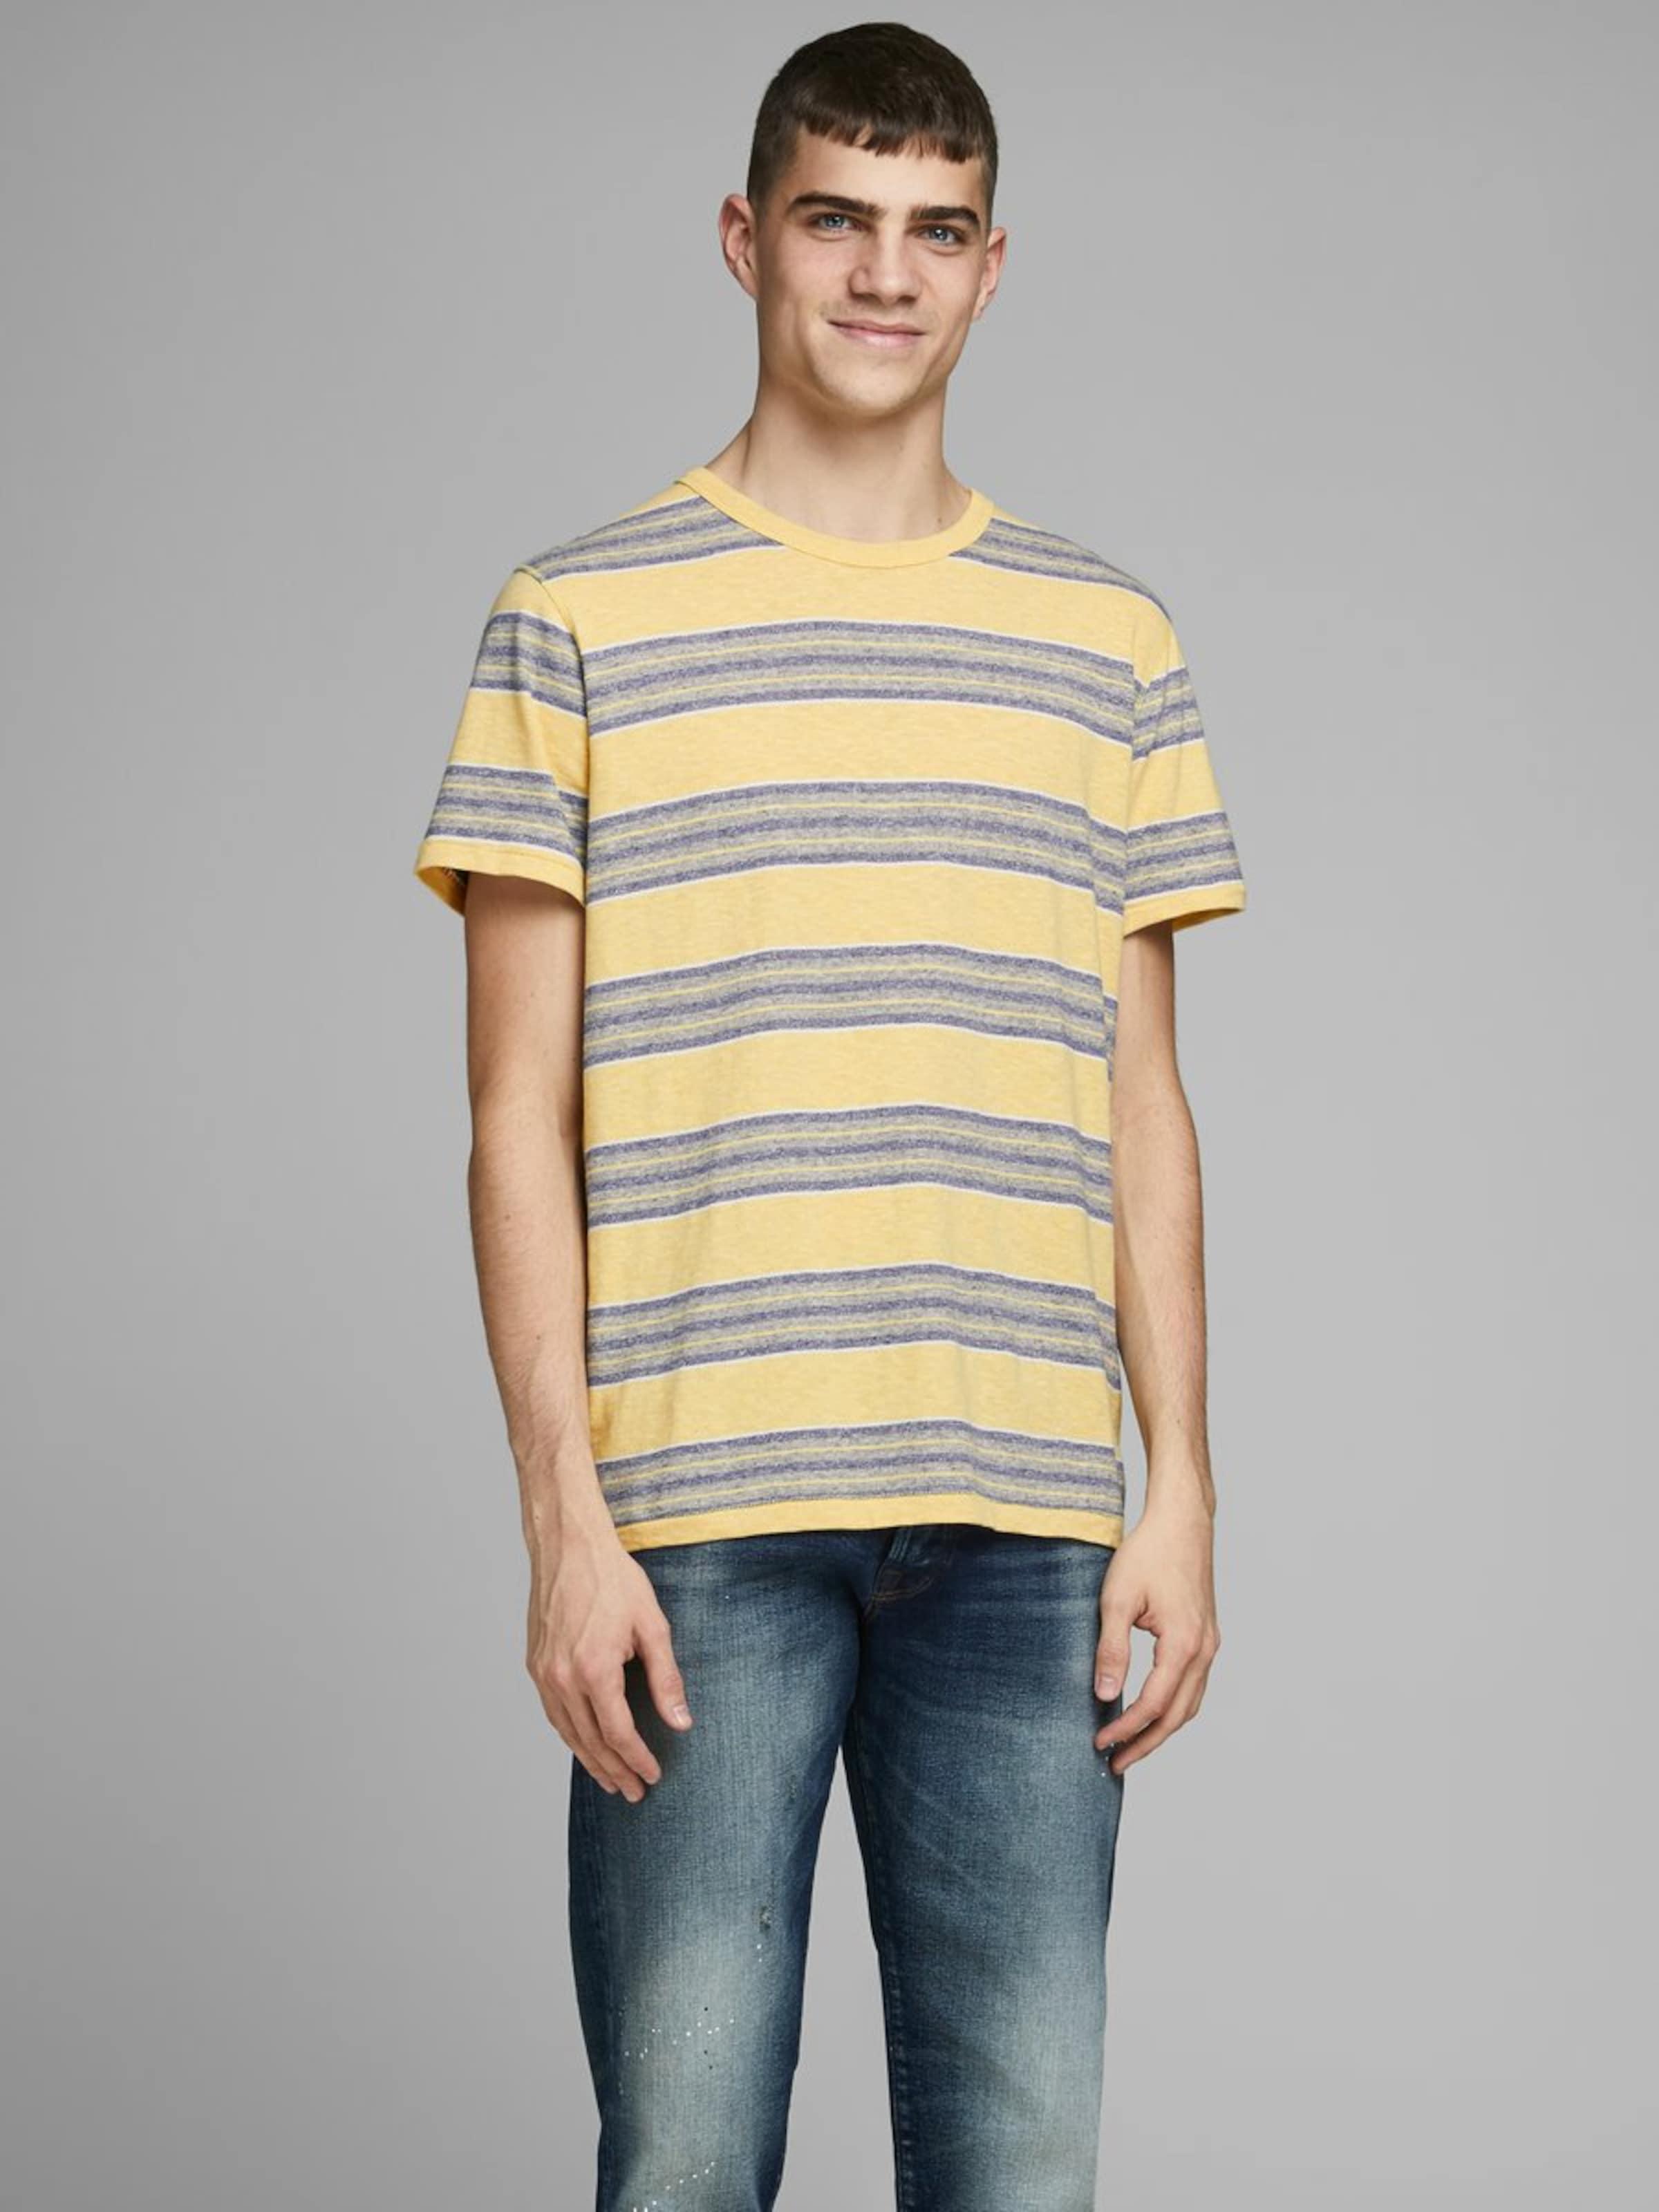 JACK & JONES Shirt in blau / gelb Baumwolle 5714499630819